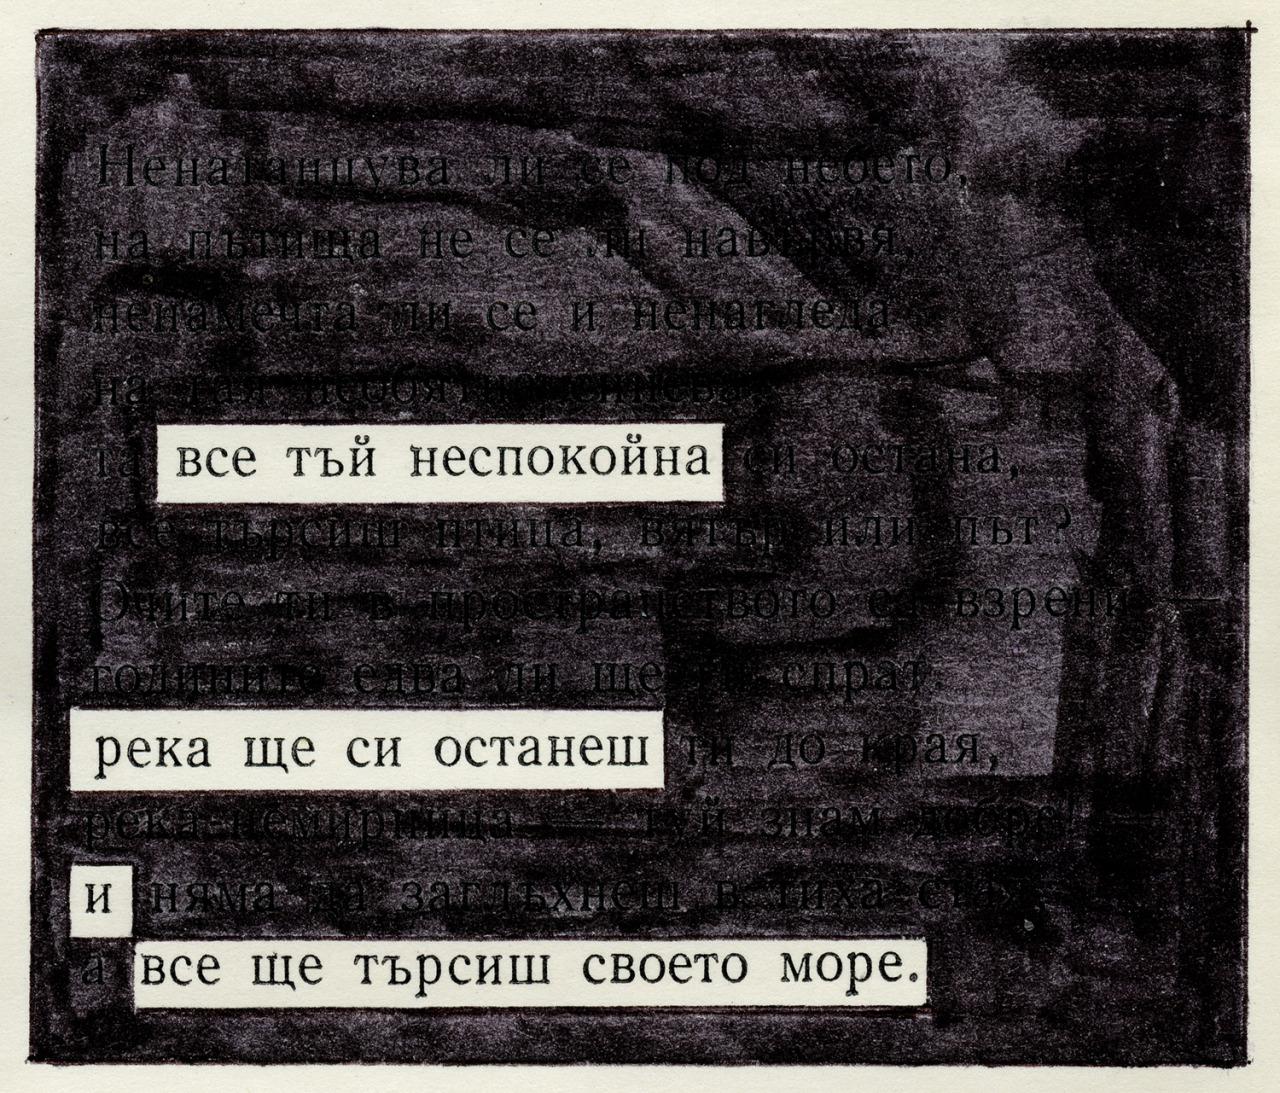 tumblr_nzzpl9F8kg1qj6vx4o3_1280